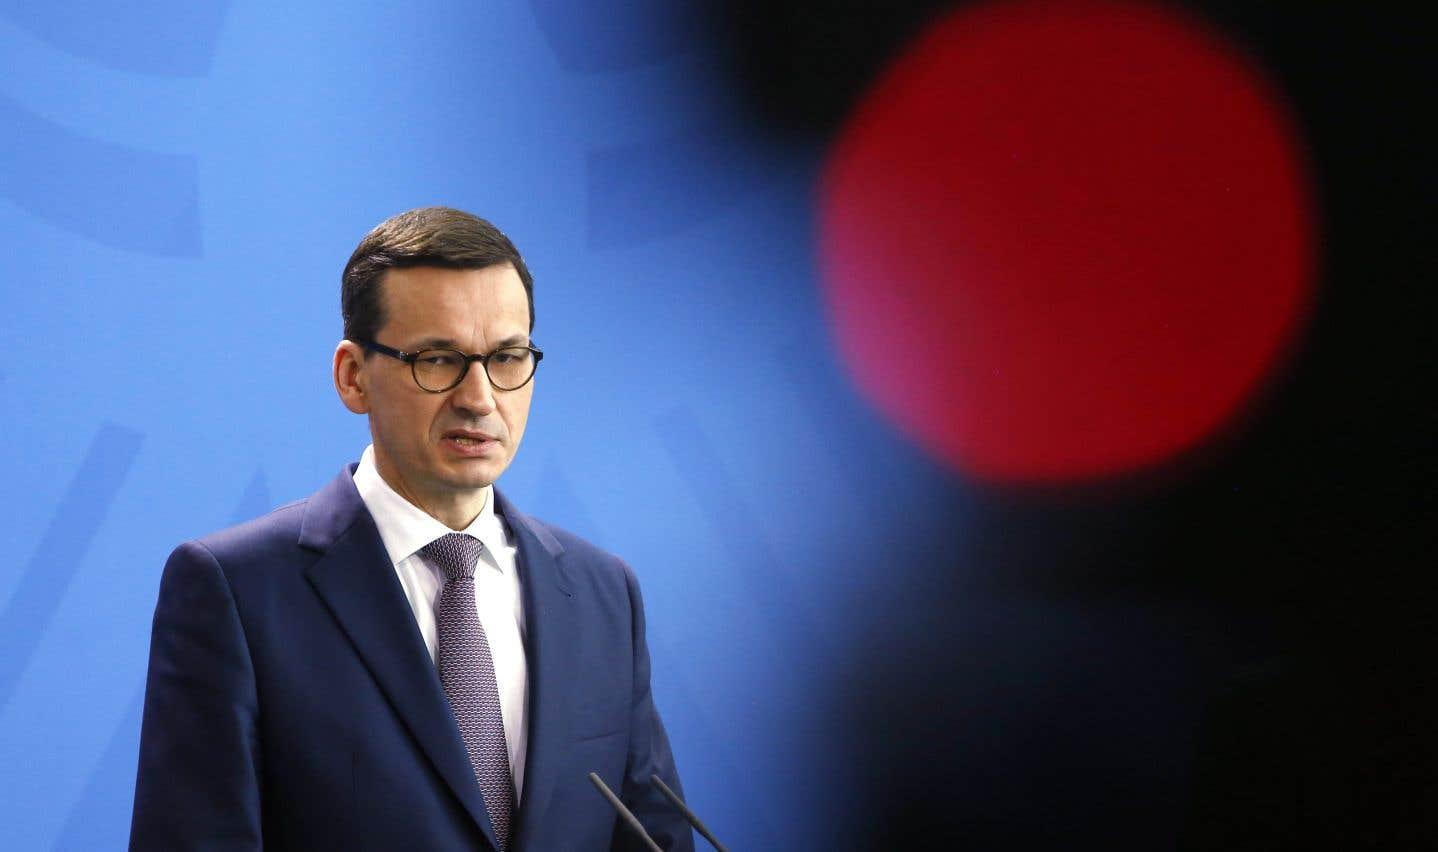 Le premier ministre polonais, Mateusz Morawiecki, à Berlin